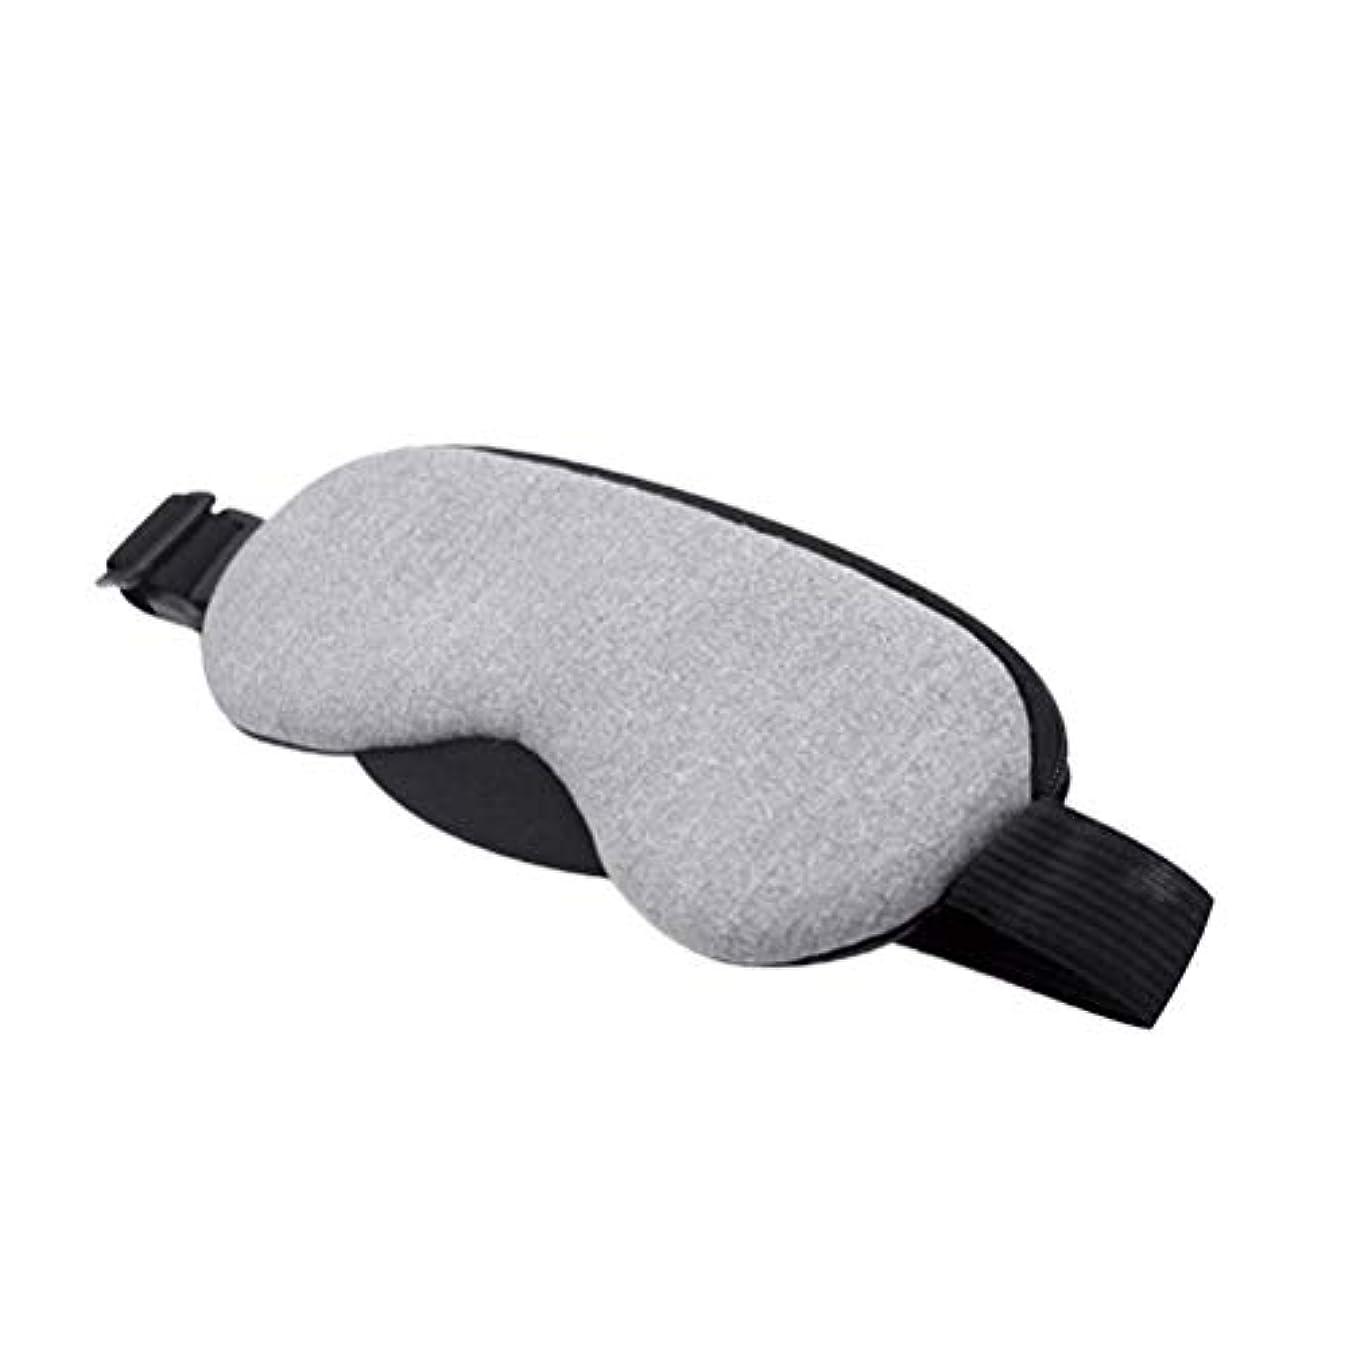 満足できるモッキンバード漏斗ROSENICE USBスチームアイマスク目隠しホットコンプレッションアイカバー(ドライアイを逃す)